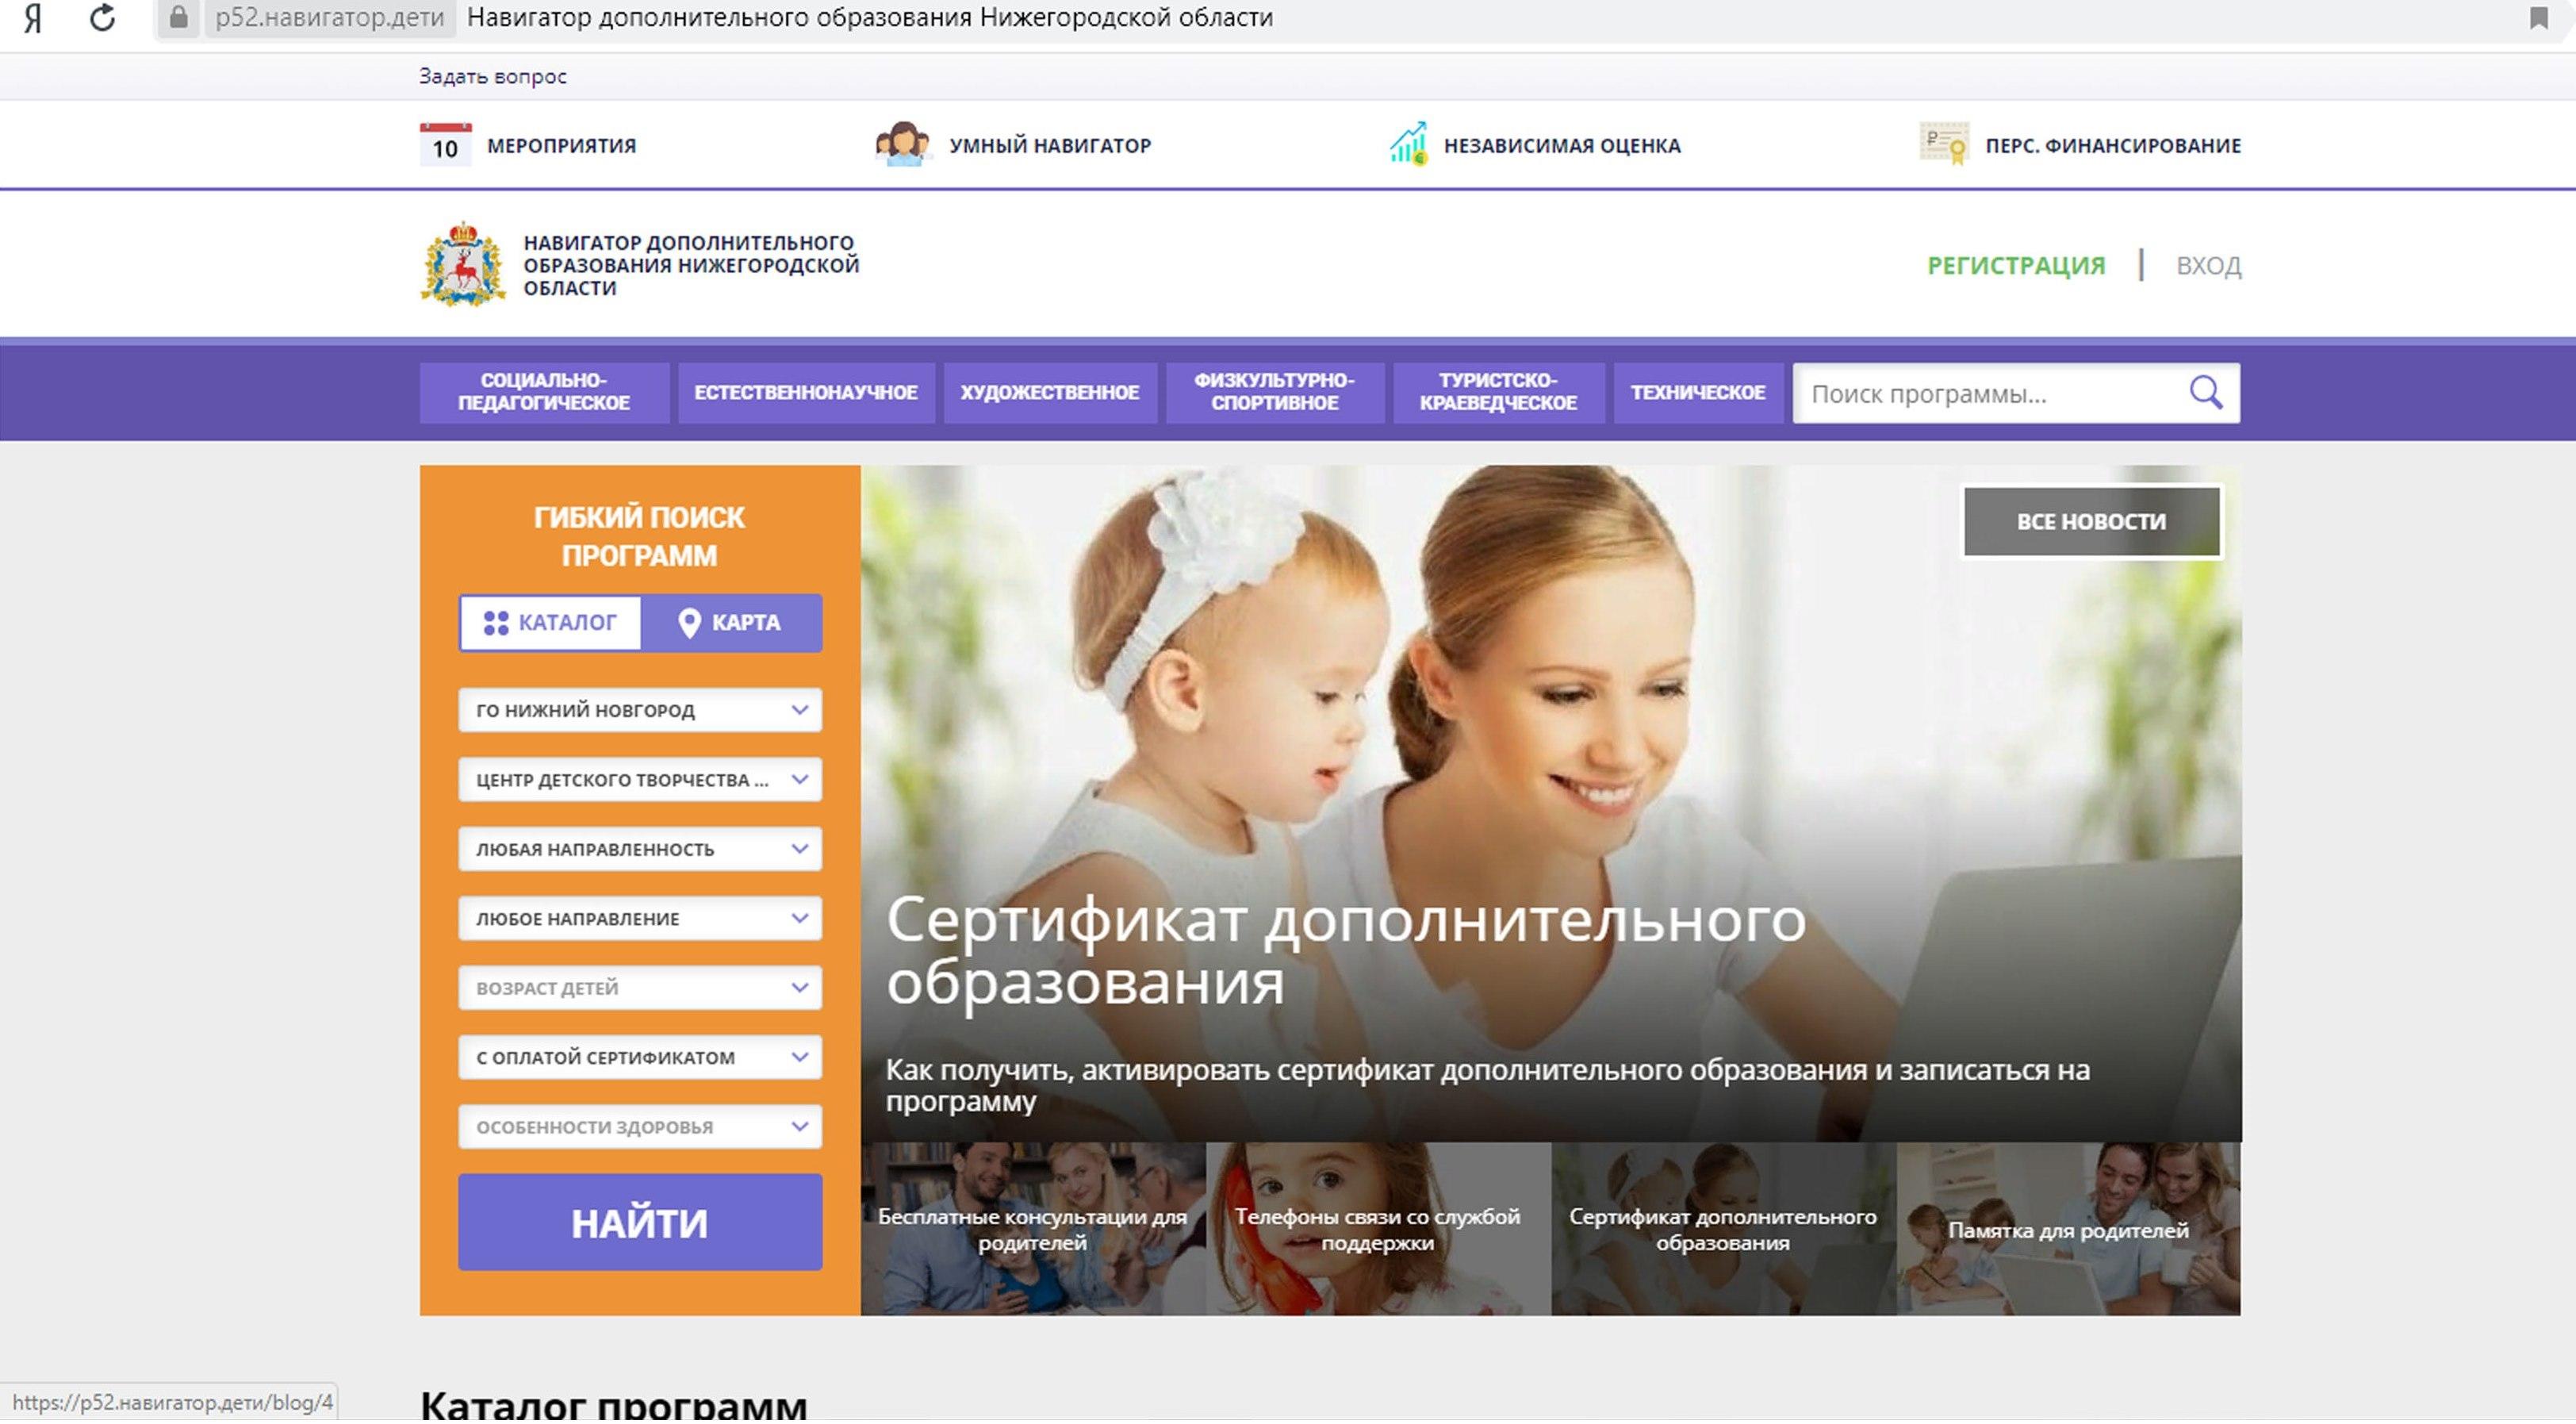 http://cdt-leninskii.ucoz.net/foto_novosti/navigator_na_sajt.jpg